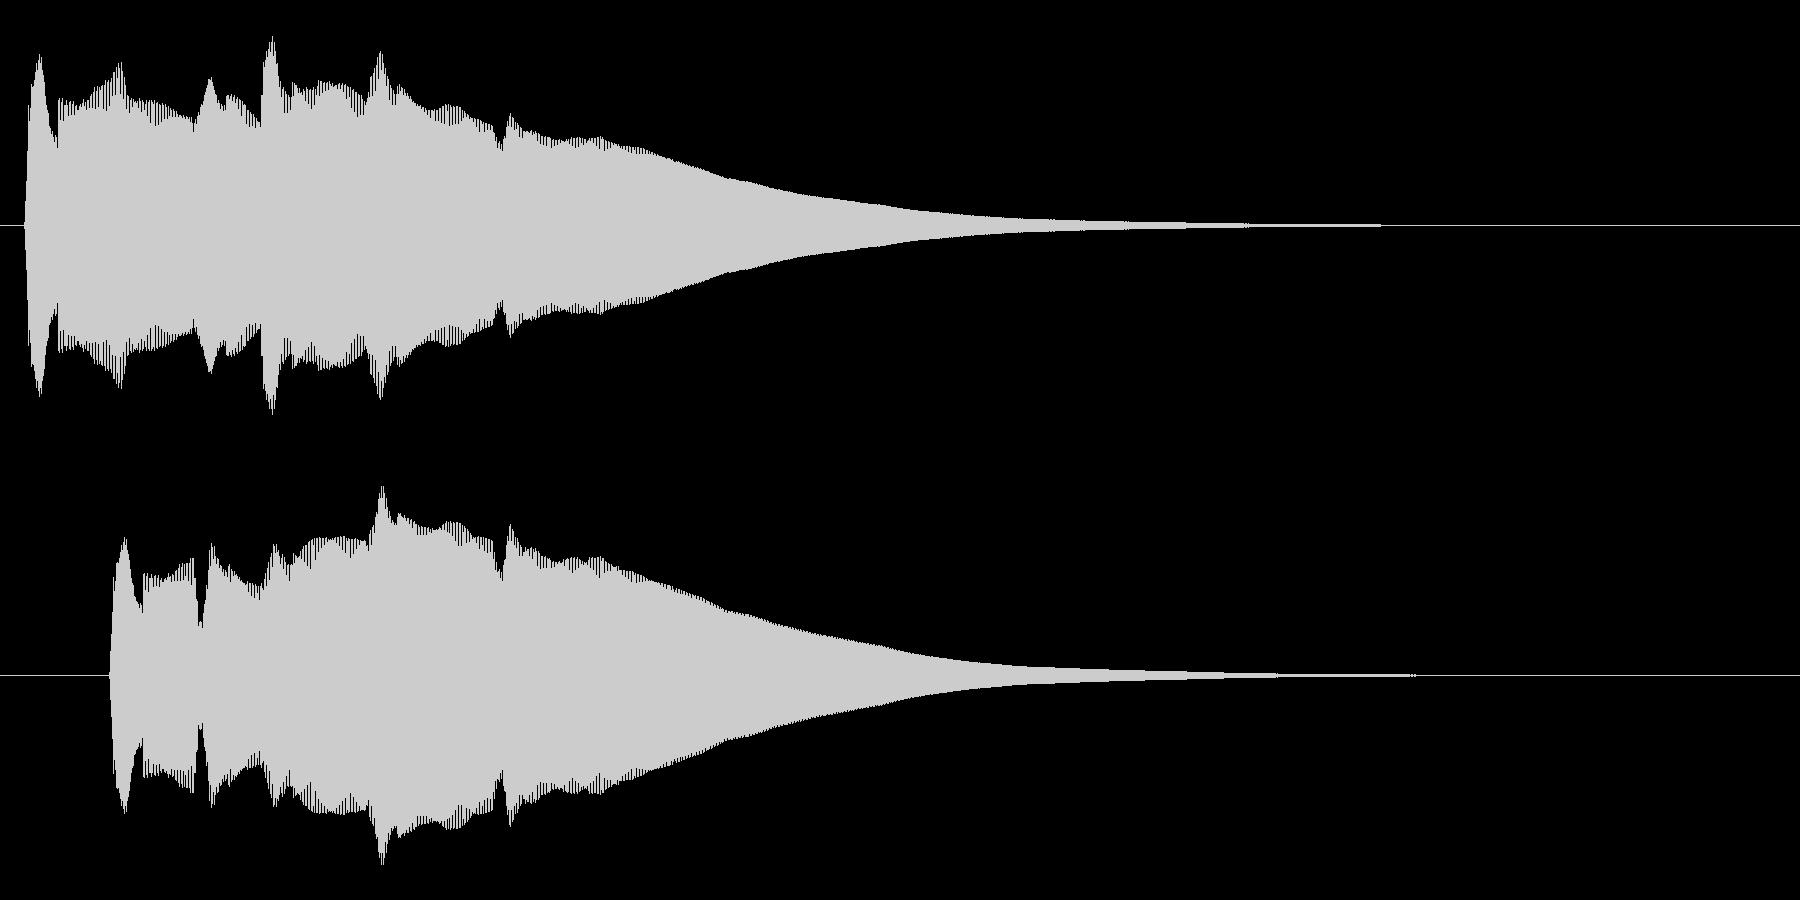 リリーン(なにかを発見した音)の未再生の波形